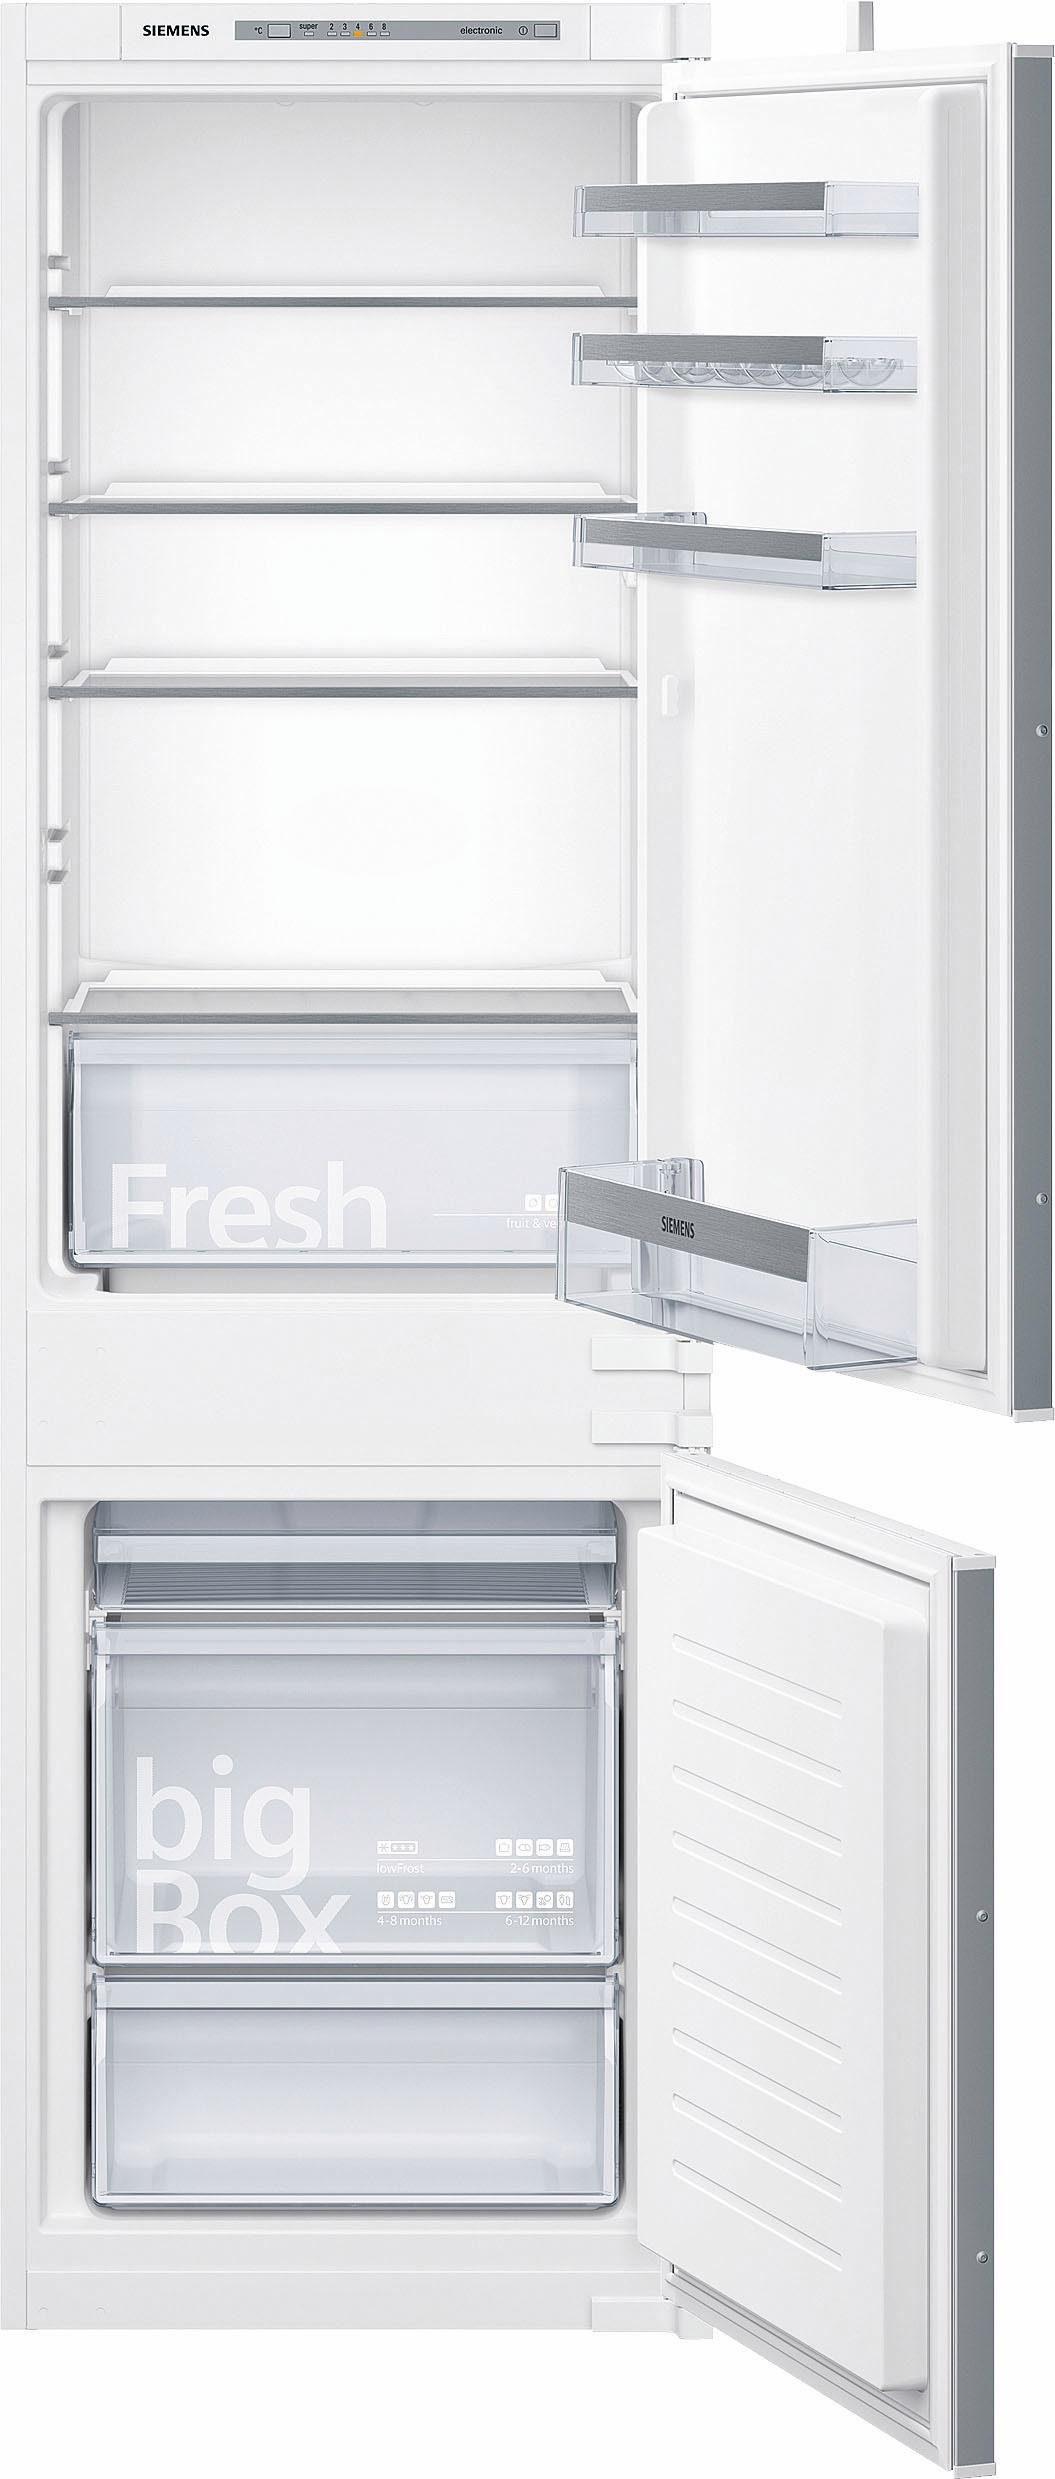 SIEMENS Einbaukühlschrank KI86VVS30, 177,2 cm hoch, 54,5 cm breit, Energieeffizienzklasse: A++, 177,2 cm hoch